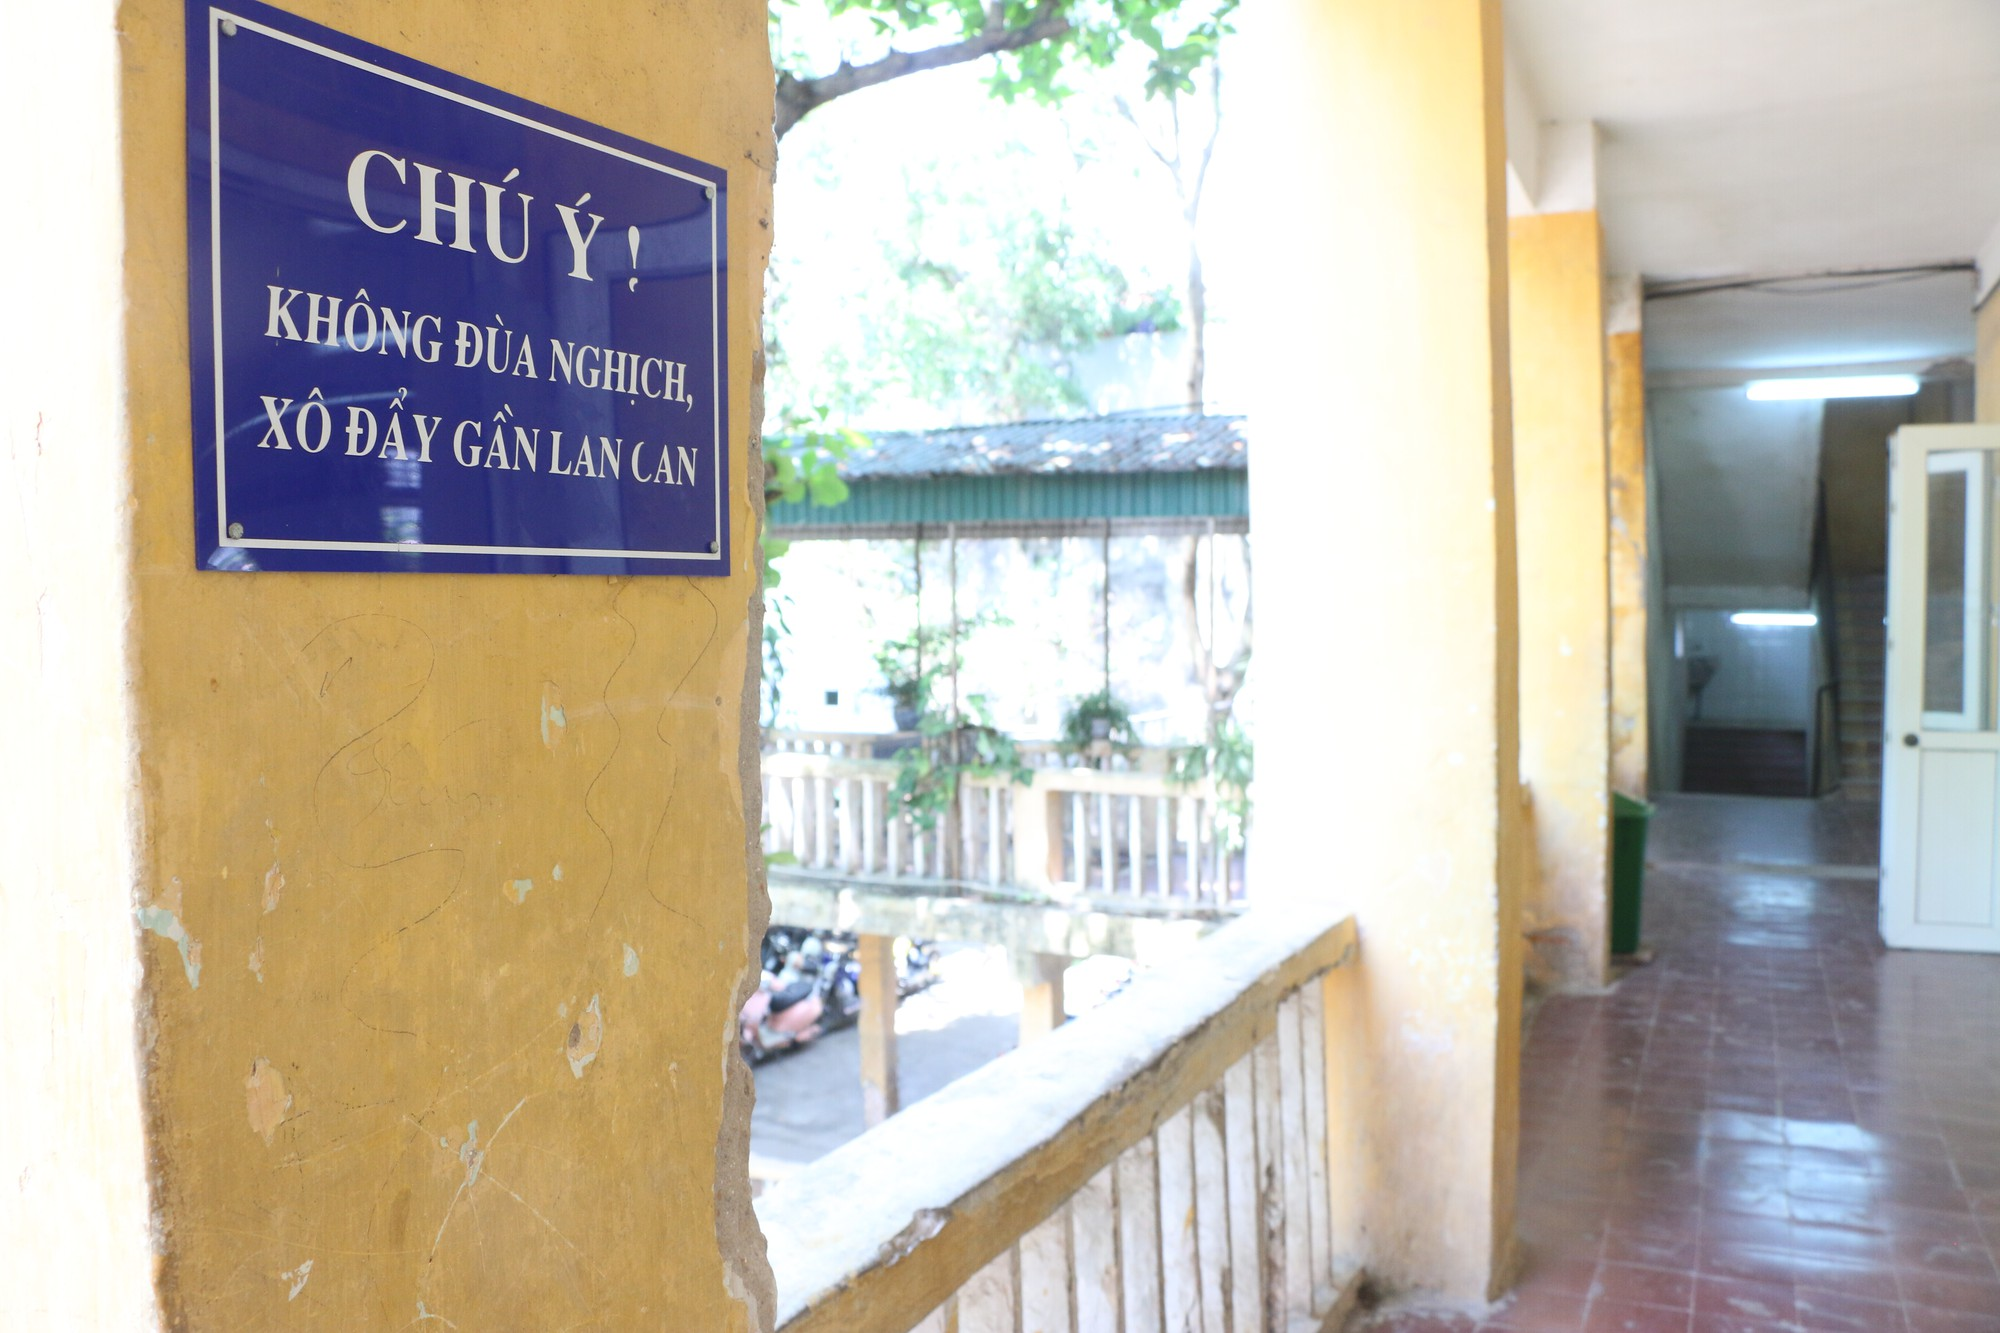 Vữa trần rơi, lan can được rào tạm bằng dây thép gai, ngôi trường cấp 3 giữa Hà Nội có nguy cơ đổ sập  - Ảnh 8.